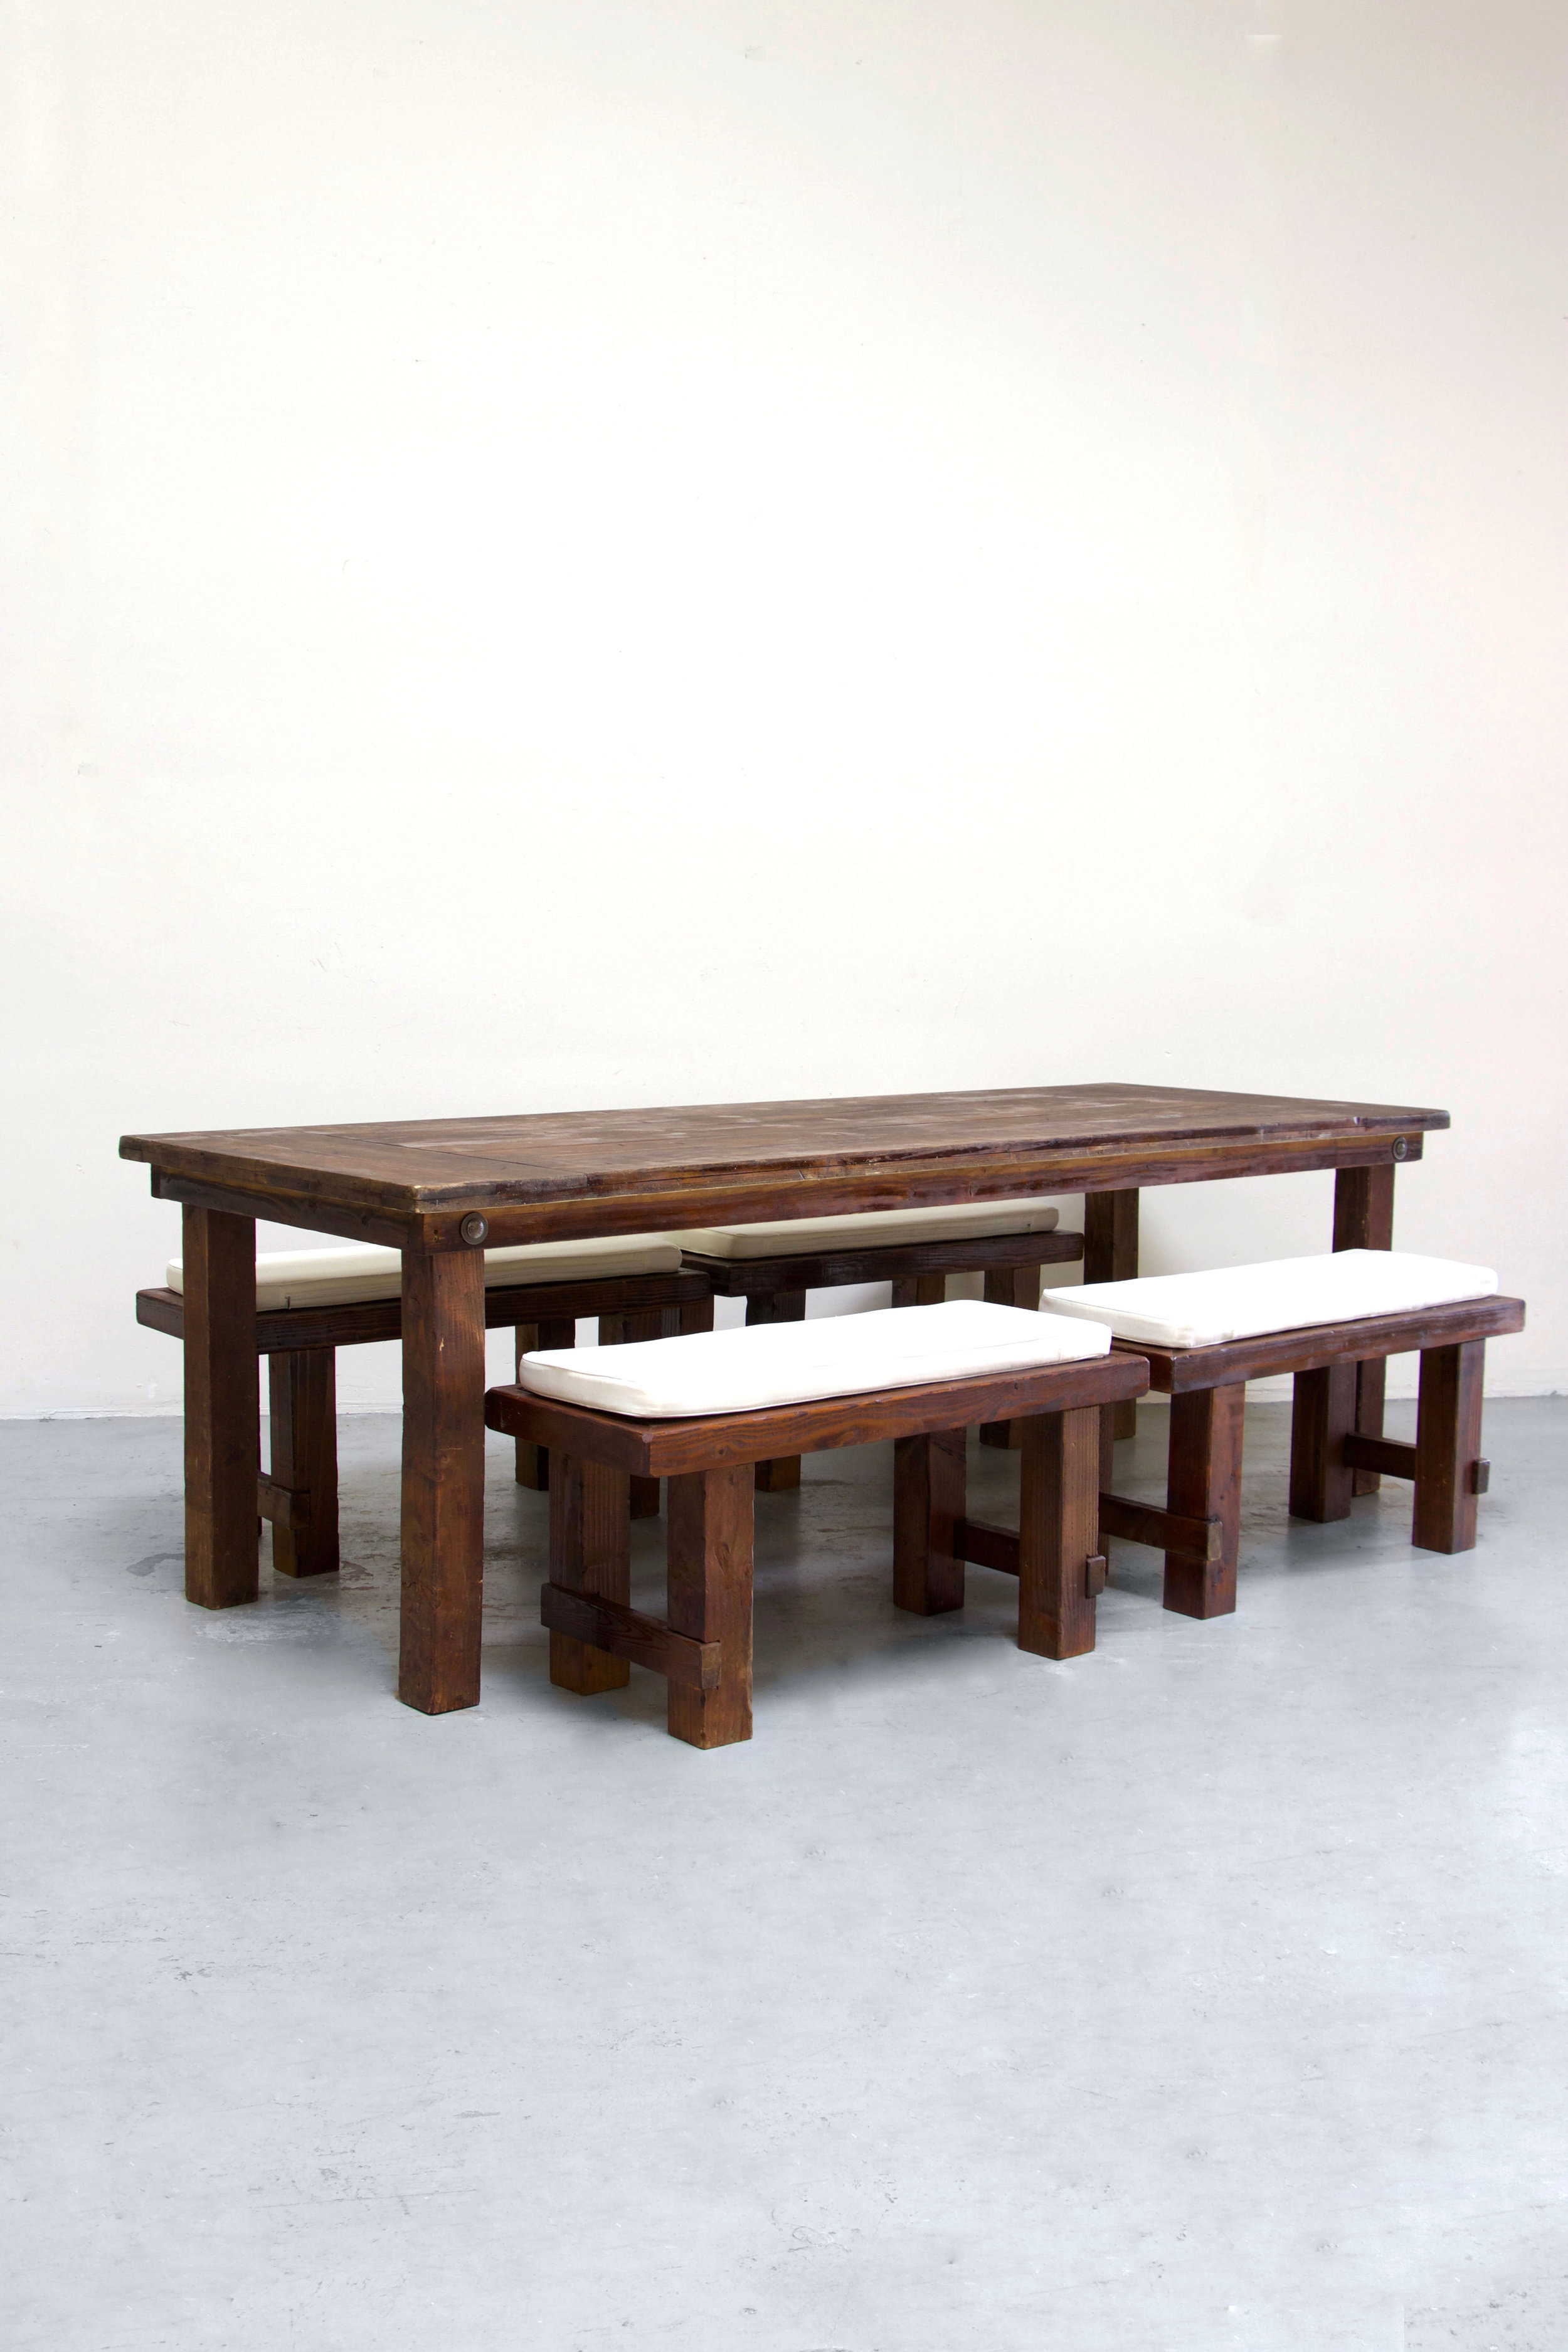 $145 1 Mahogany Farm Table w/ 4 Short Benches